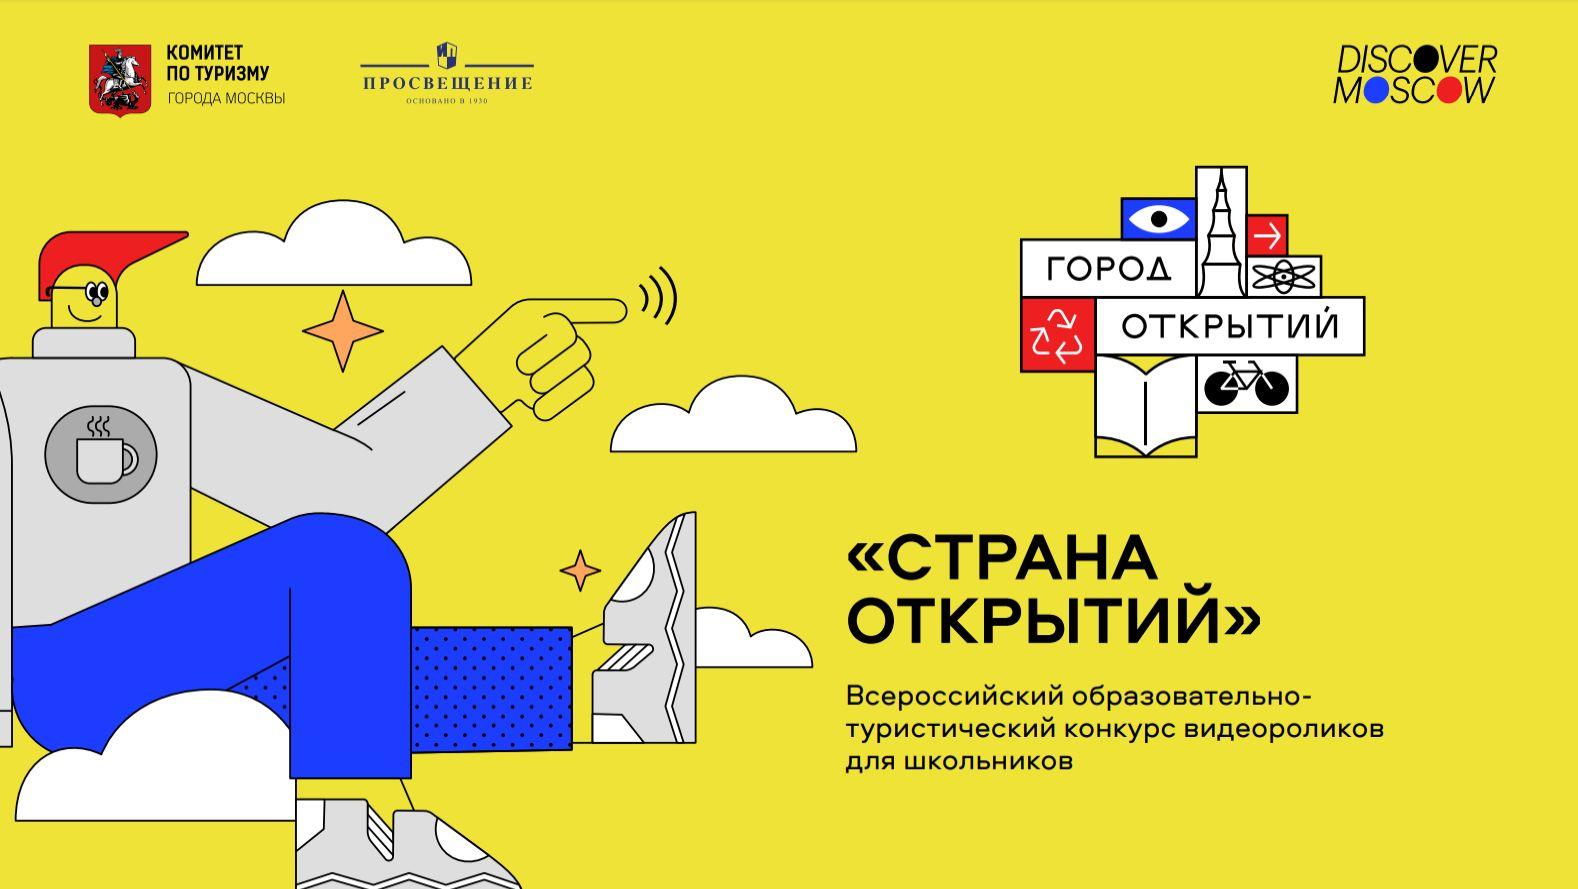 Представитель Ярославской области вошел в число победителей всероссийского конкурса «Страна открытий»